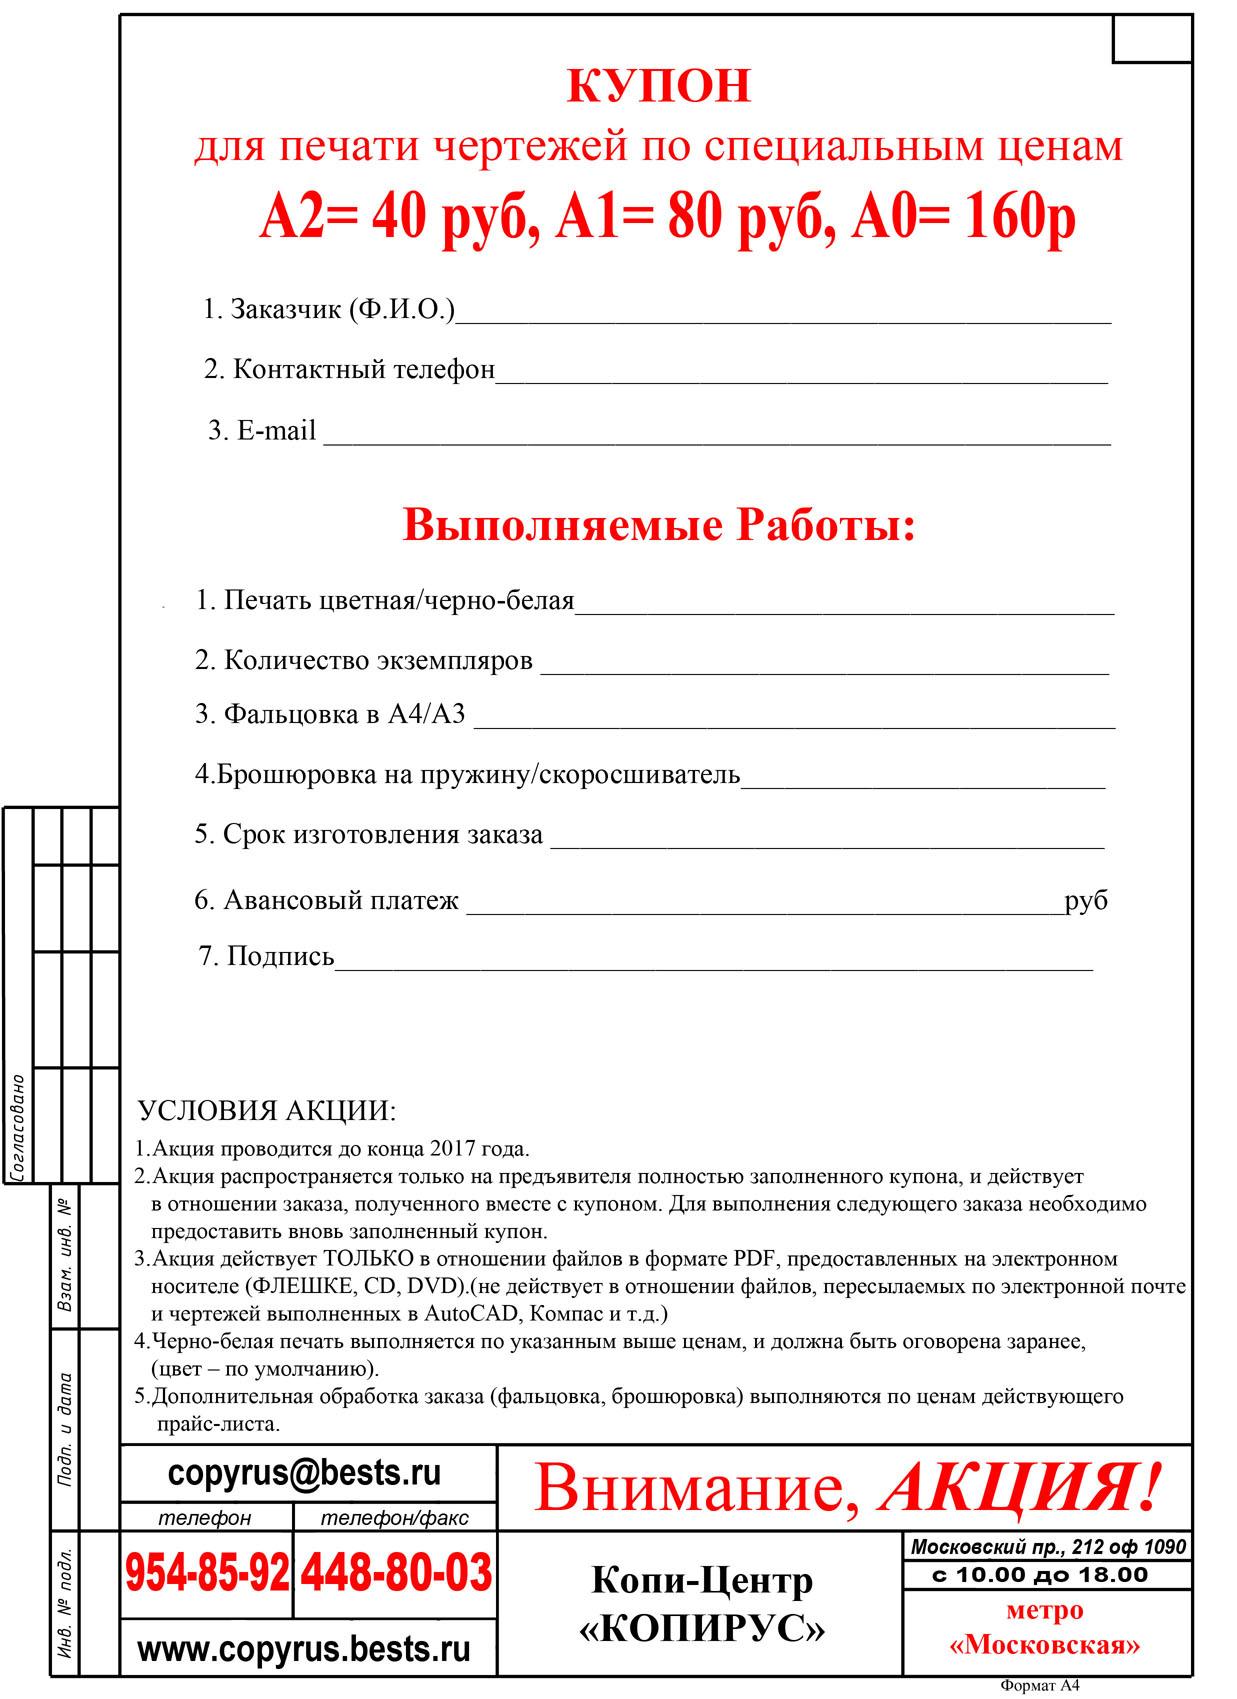 Движок сайта копицентра лучшие хостинги москвы